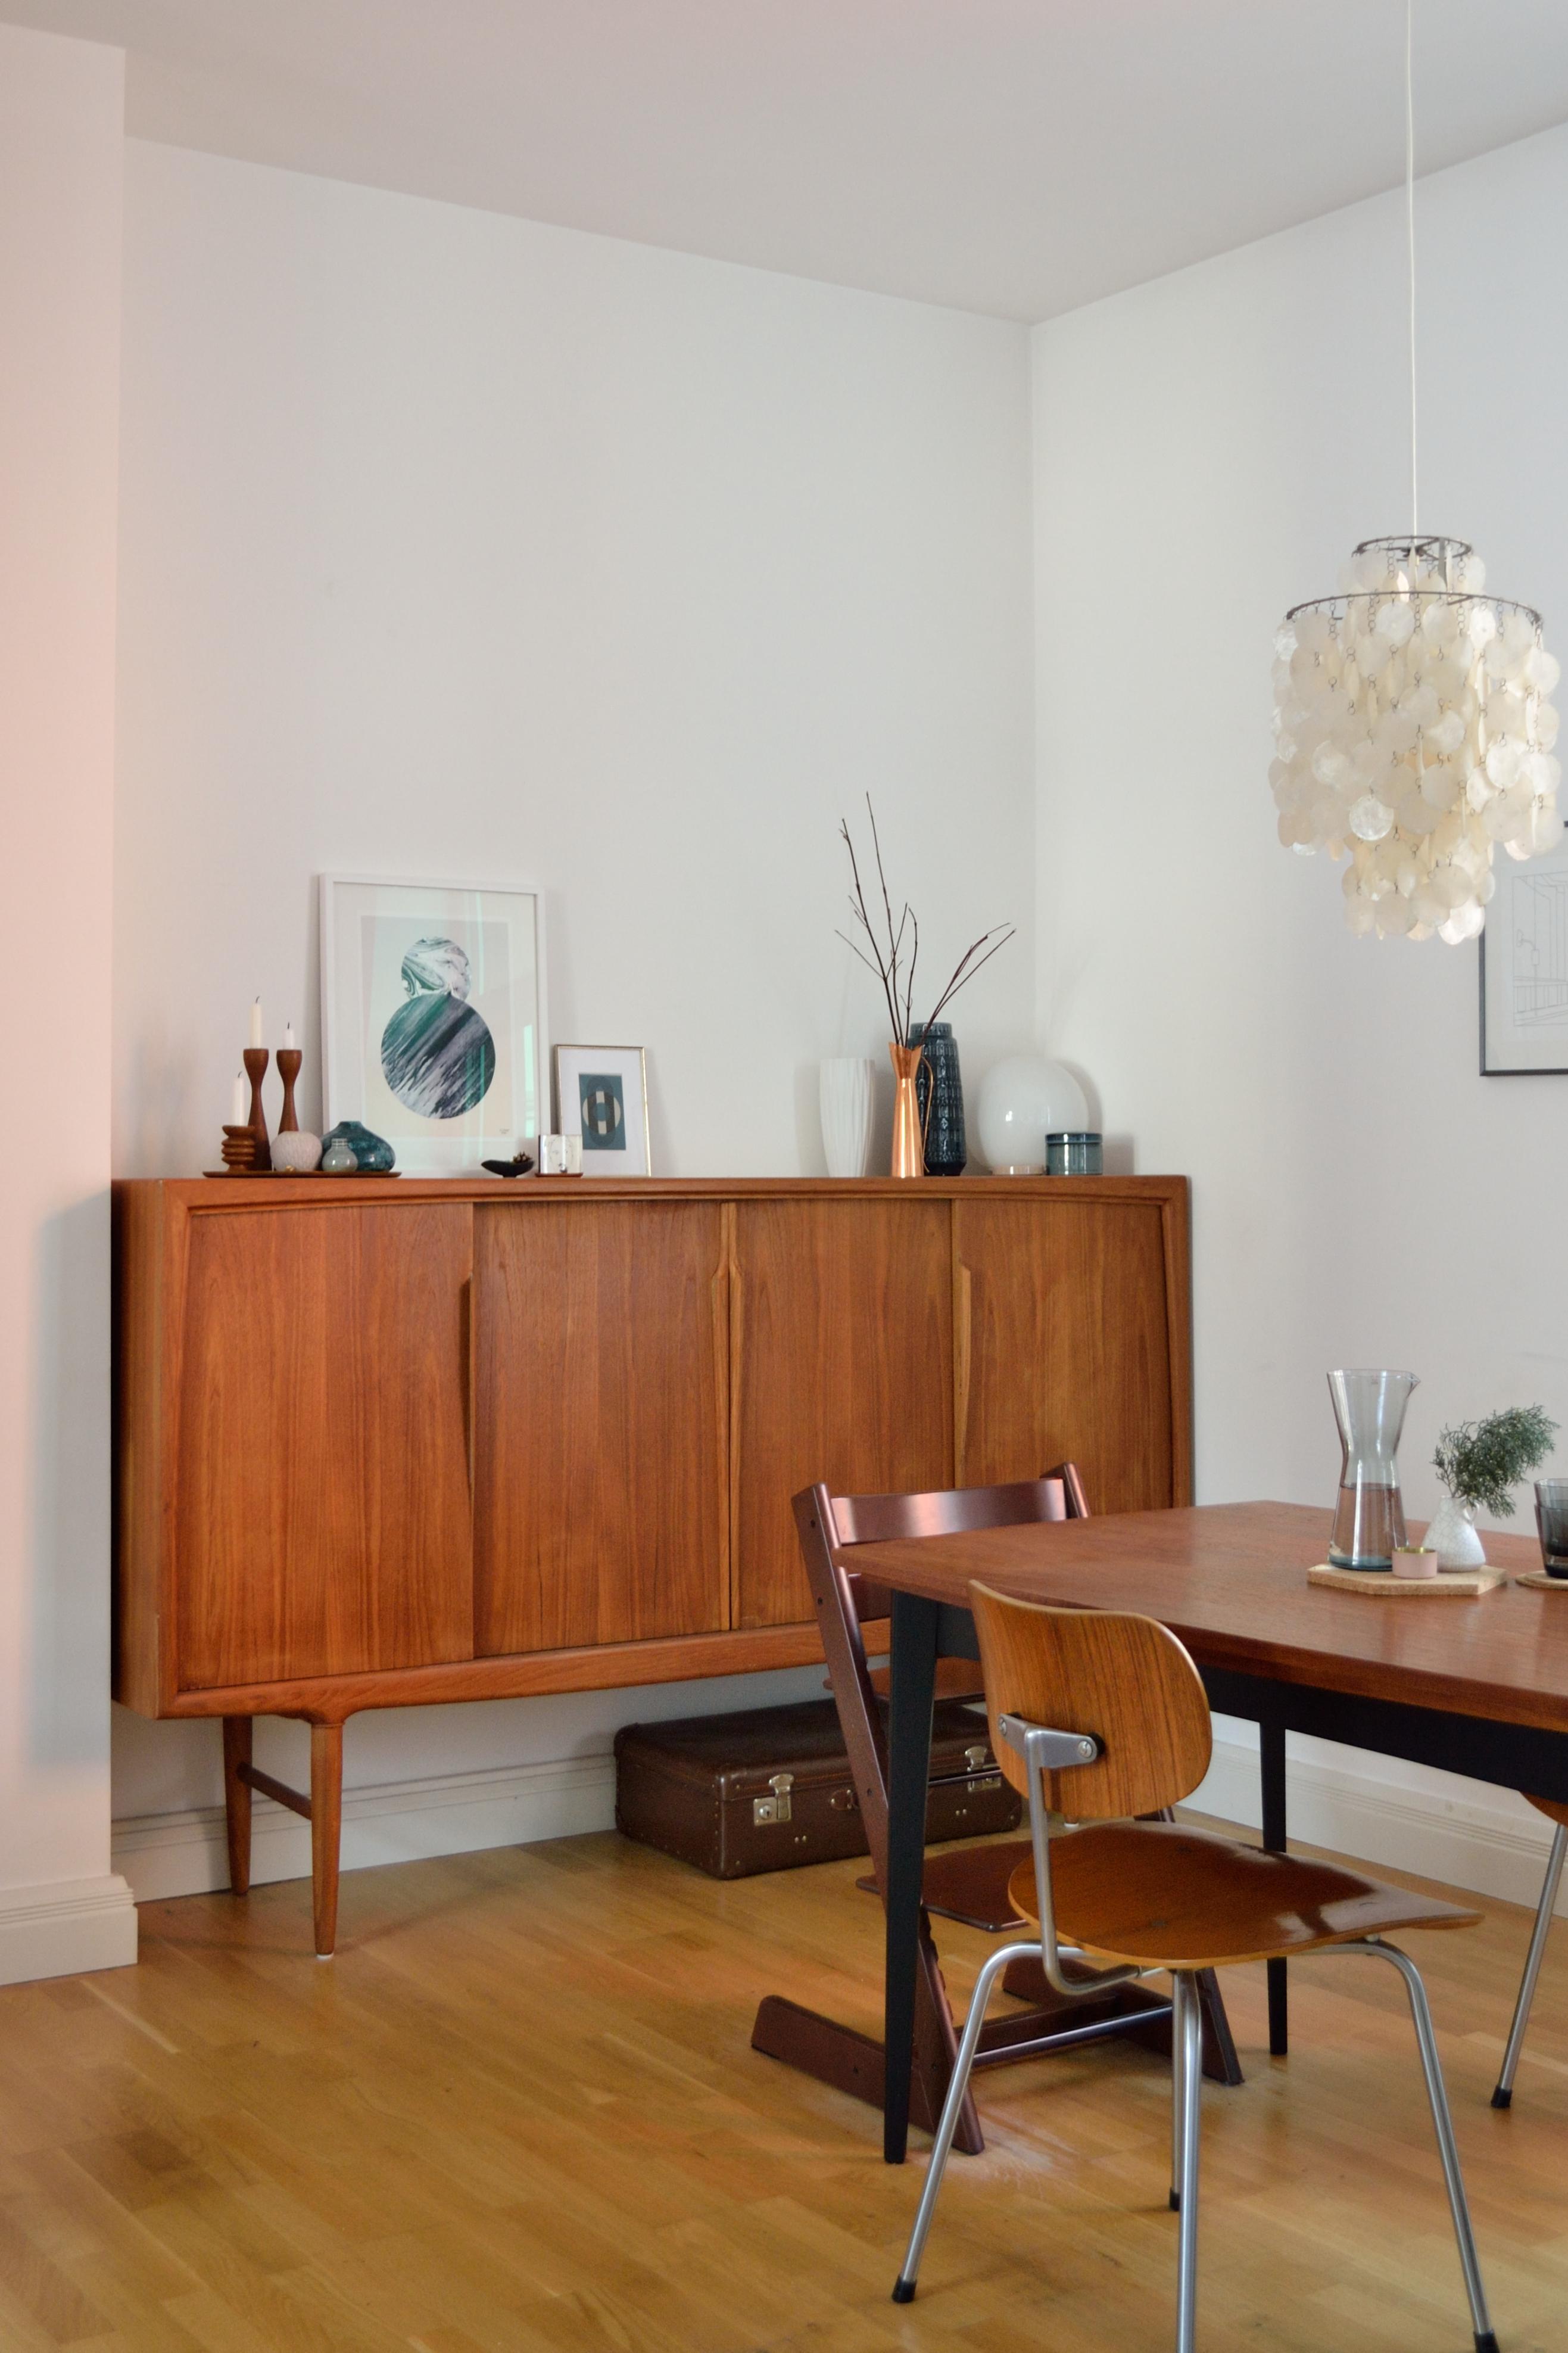 Wohnzimmer wandbilder vintage  wohnzimmer einrichten ➝ minimalistische wohnideen. wohnung ...